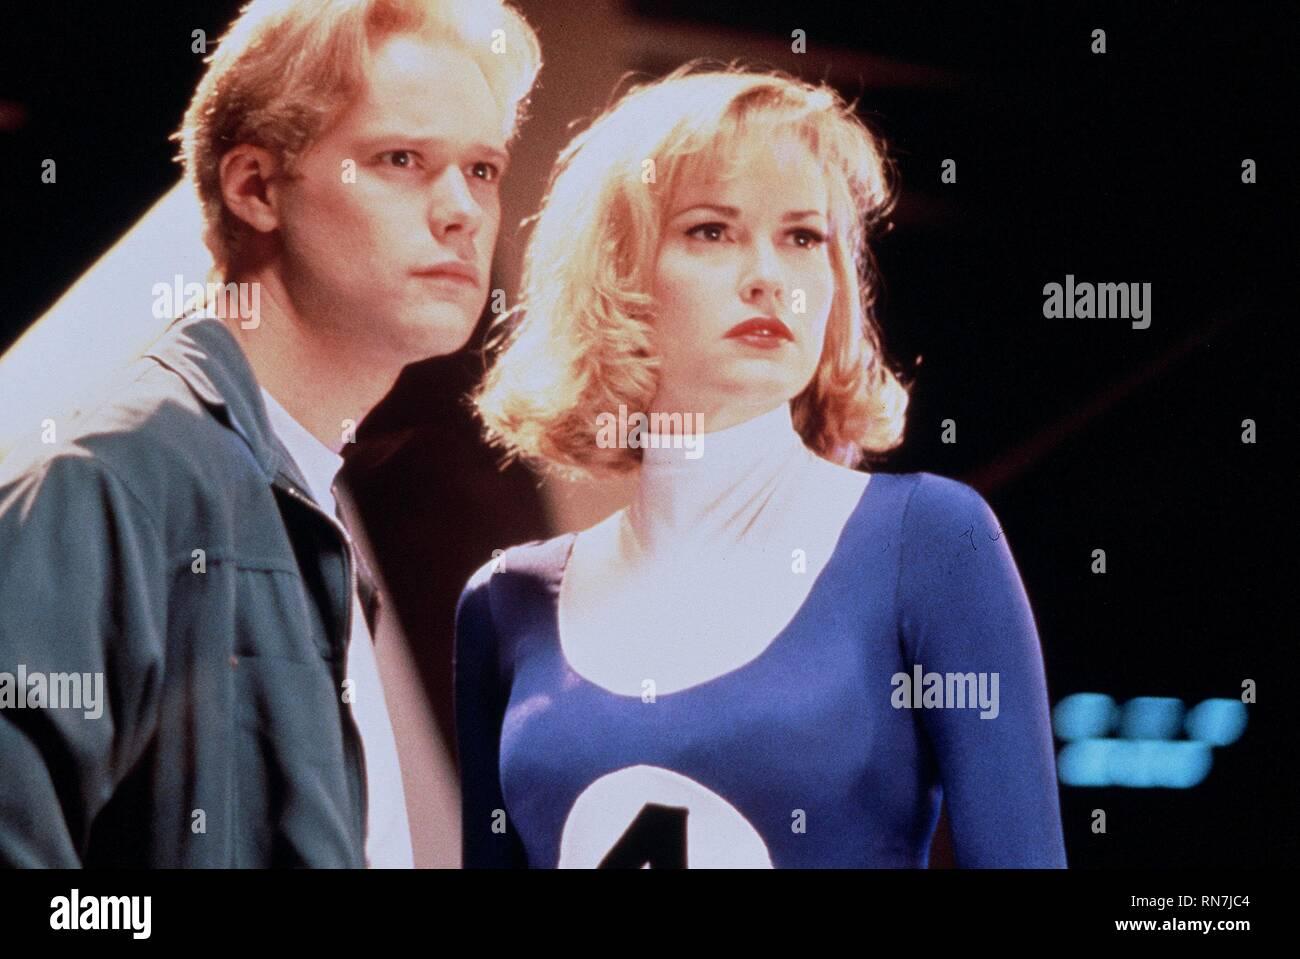 UNDERWOOD, STAAB,LES QUATRE FANTASTIQUES, 1994 Photo Stock